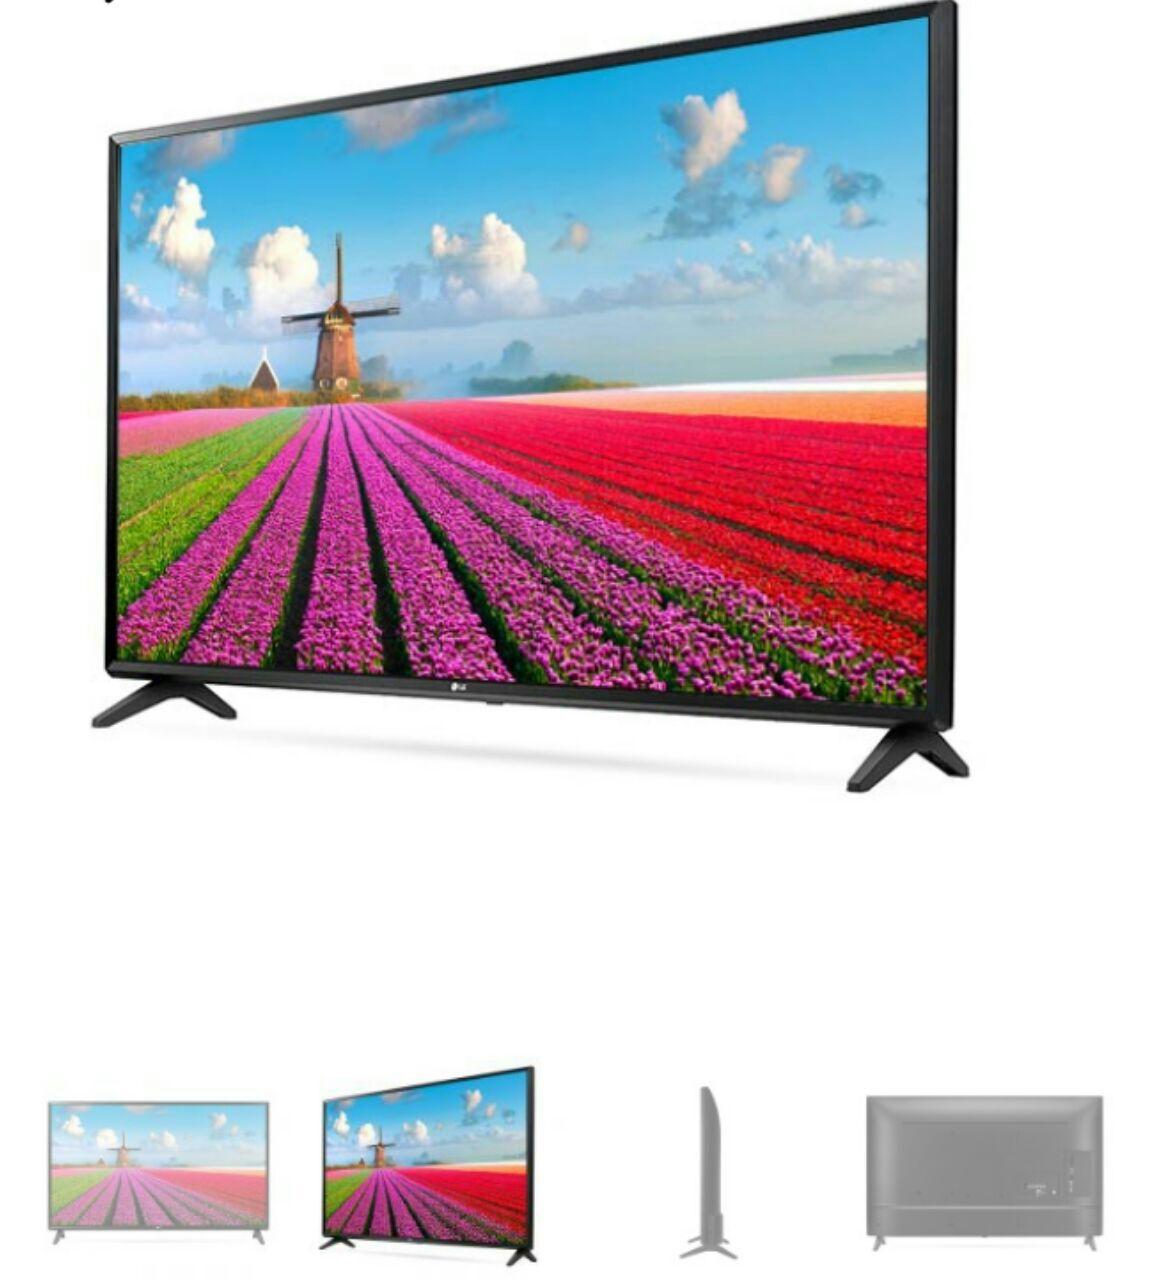 تلویزیون ال ای دی 55 اینچ ال جی LG مدل lg550v با دو تا گیرنده داخلی